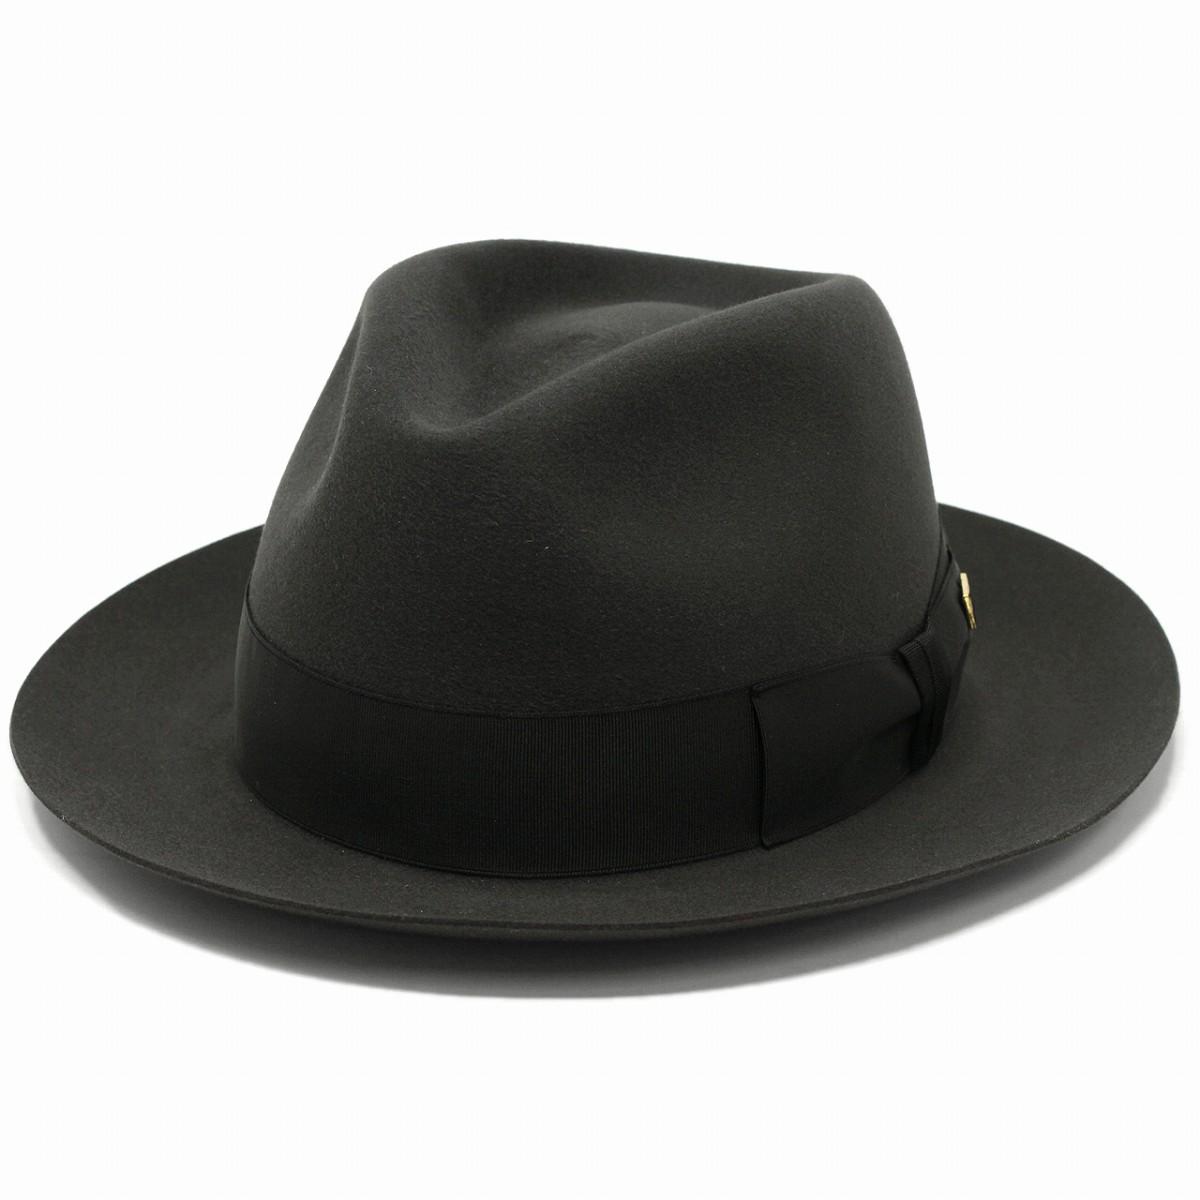 KNOX ハット ビーバーファー フェルト アメリカ ノックス ブランド 高級フェルト 日本製 中折れハット 無地 シンプル フェルト帽 紳士 ダークグレー[ fedora hat ][ felt hat ]クリスマス ギフト 誕生日 プレゼント 男性 帽子通販